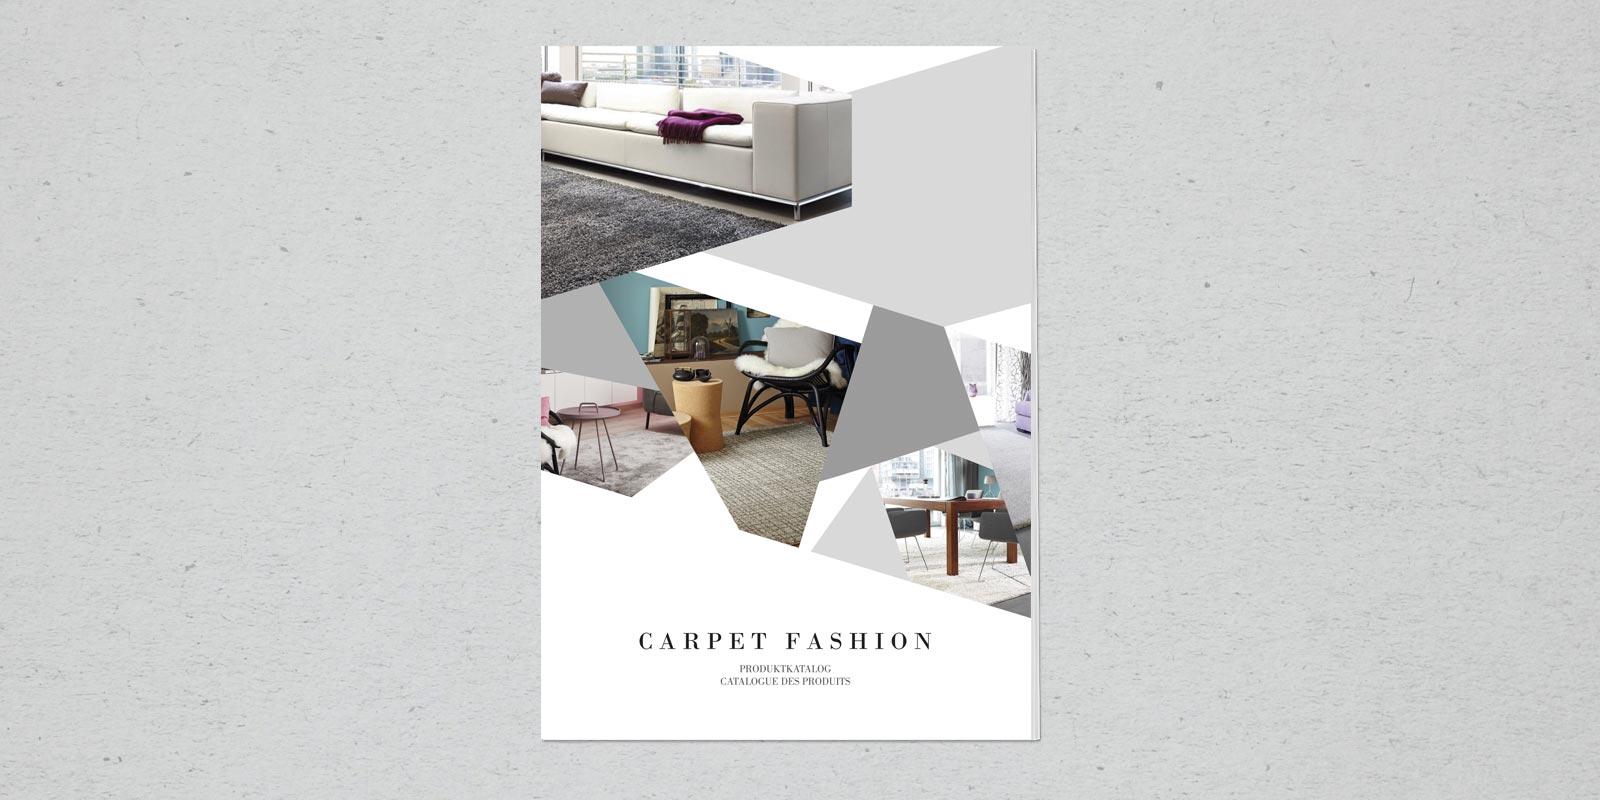 Fashion Carpet Catalogo Prodotti